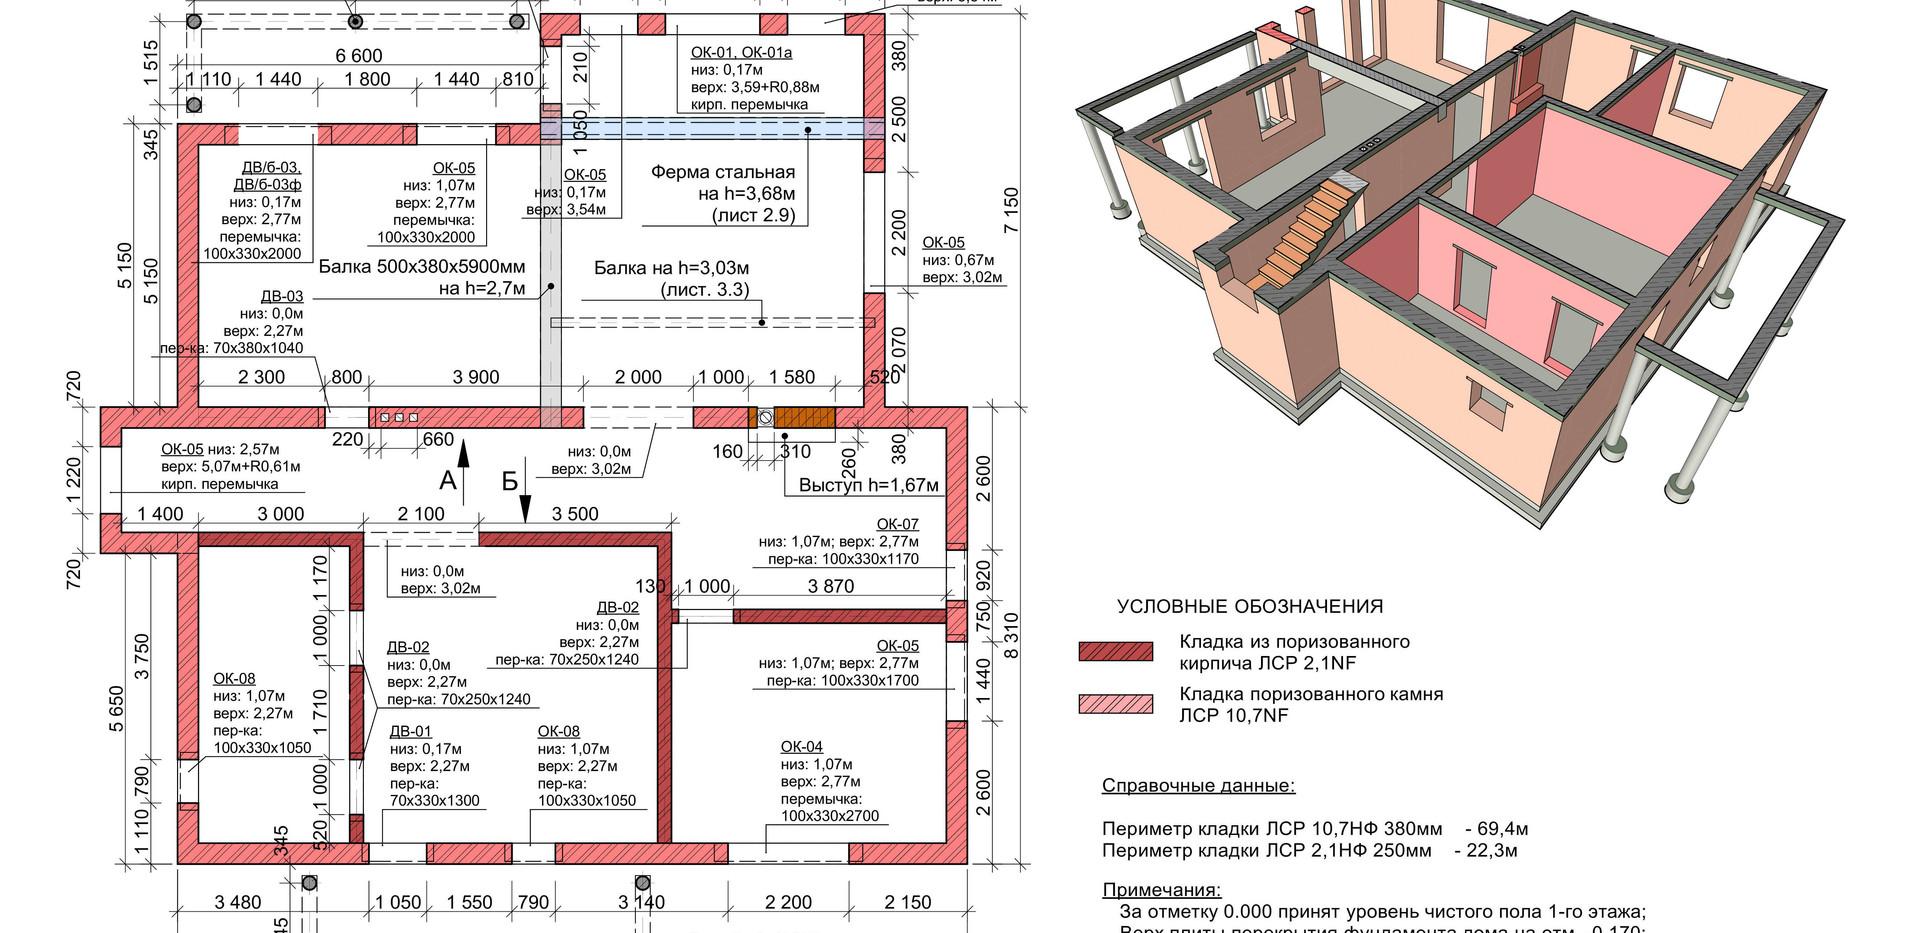 Проект кирпичного дома 390 - 8.jpg